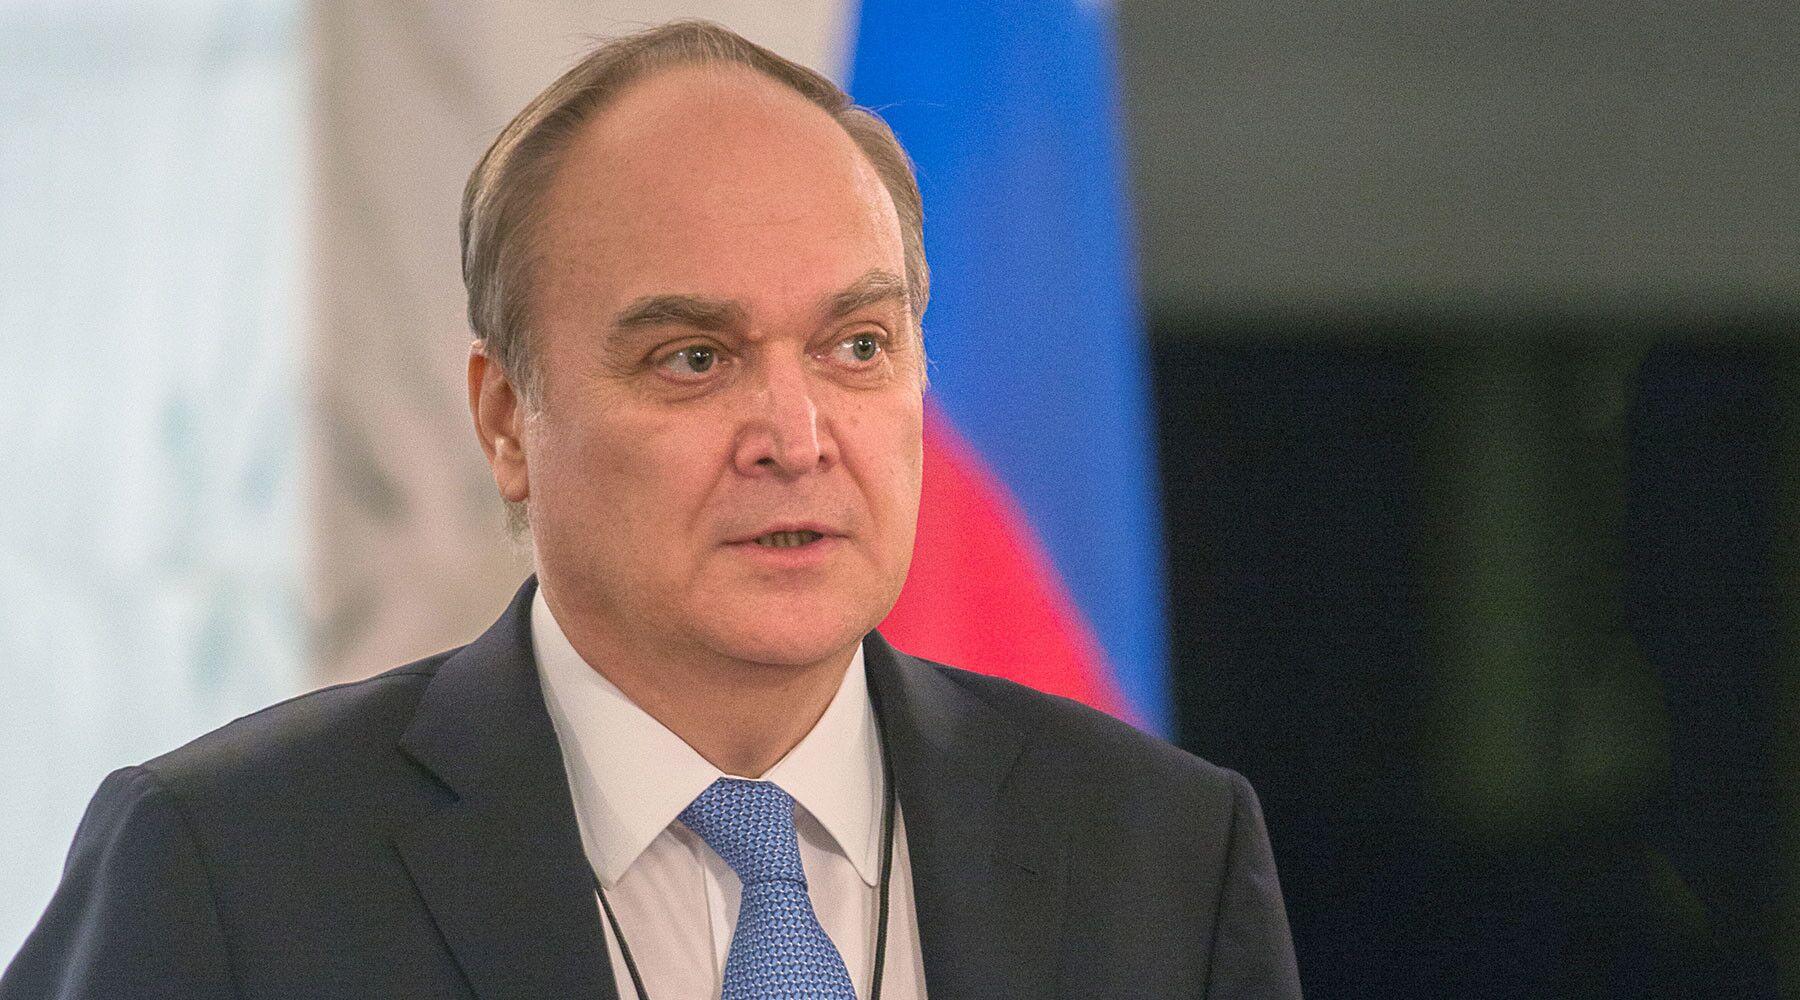 俄驻美大使:如果美在欧洲部署导弹,俄将部署导弹覆盖全欧